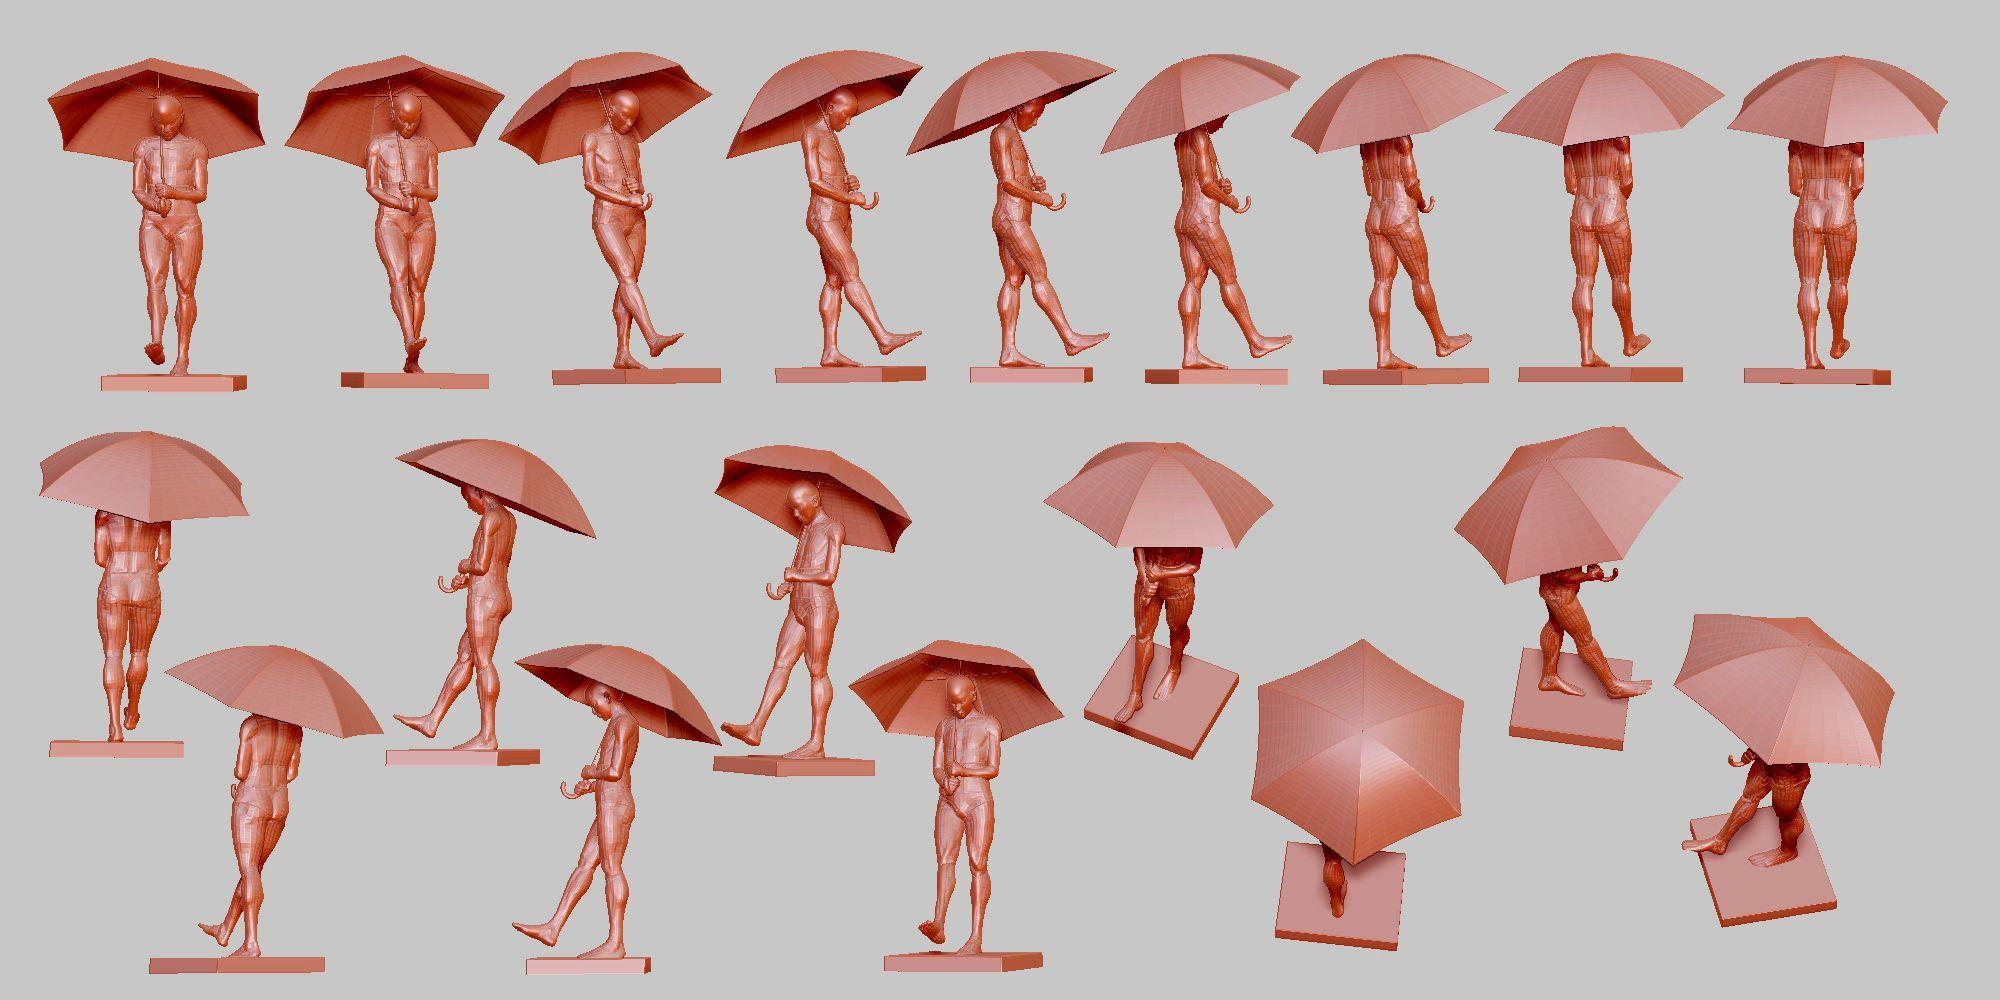 傘をさす 01 ポーズ 294 Refrence 傘イラスト 傘をさす デッサン